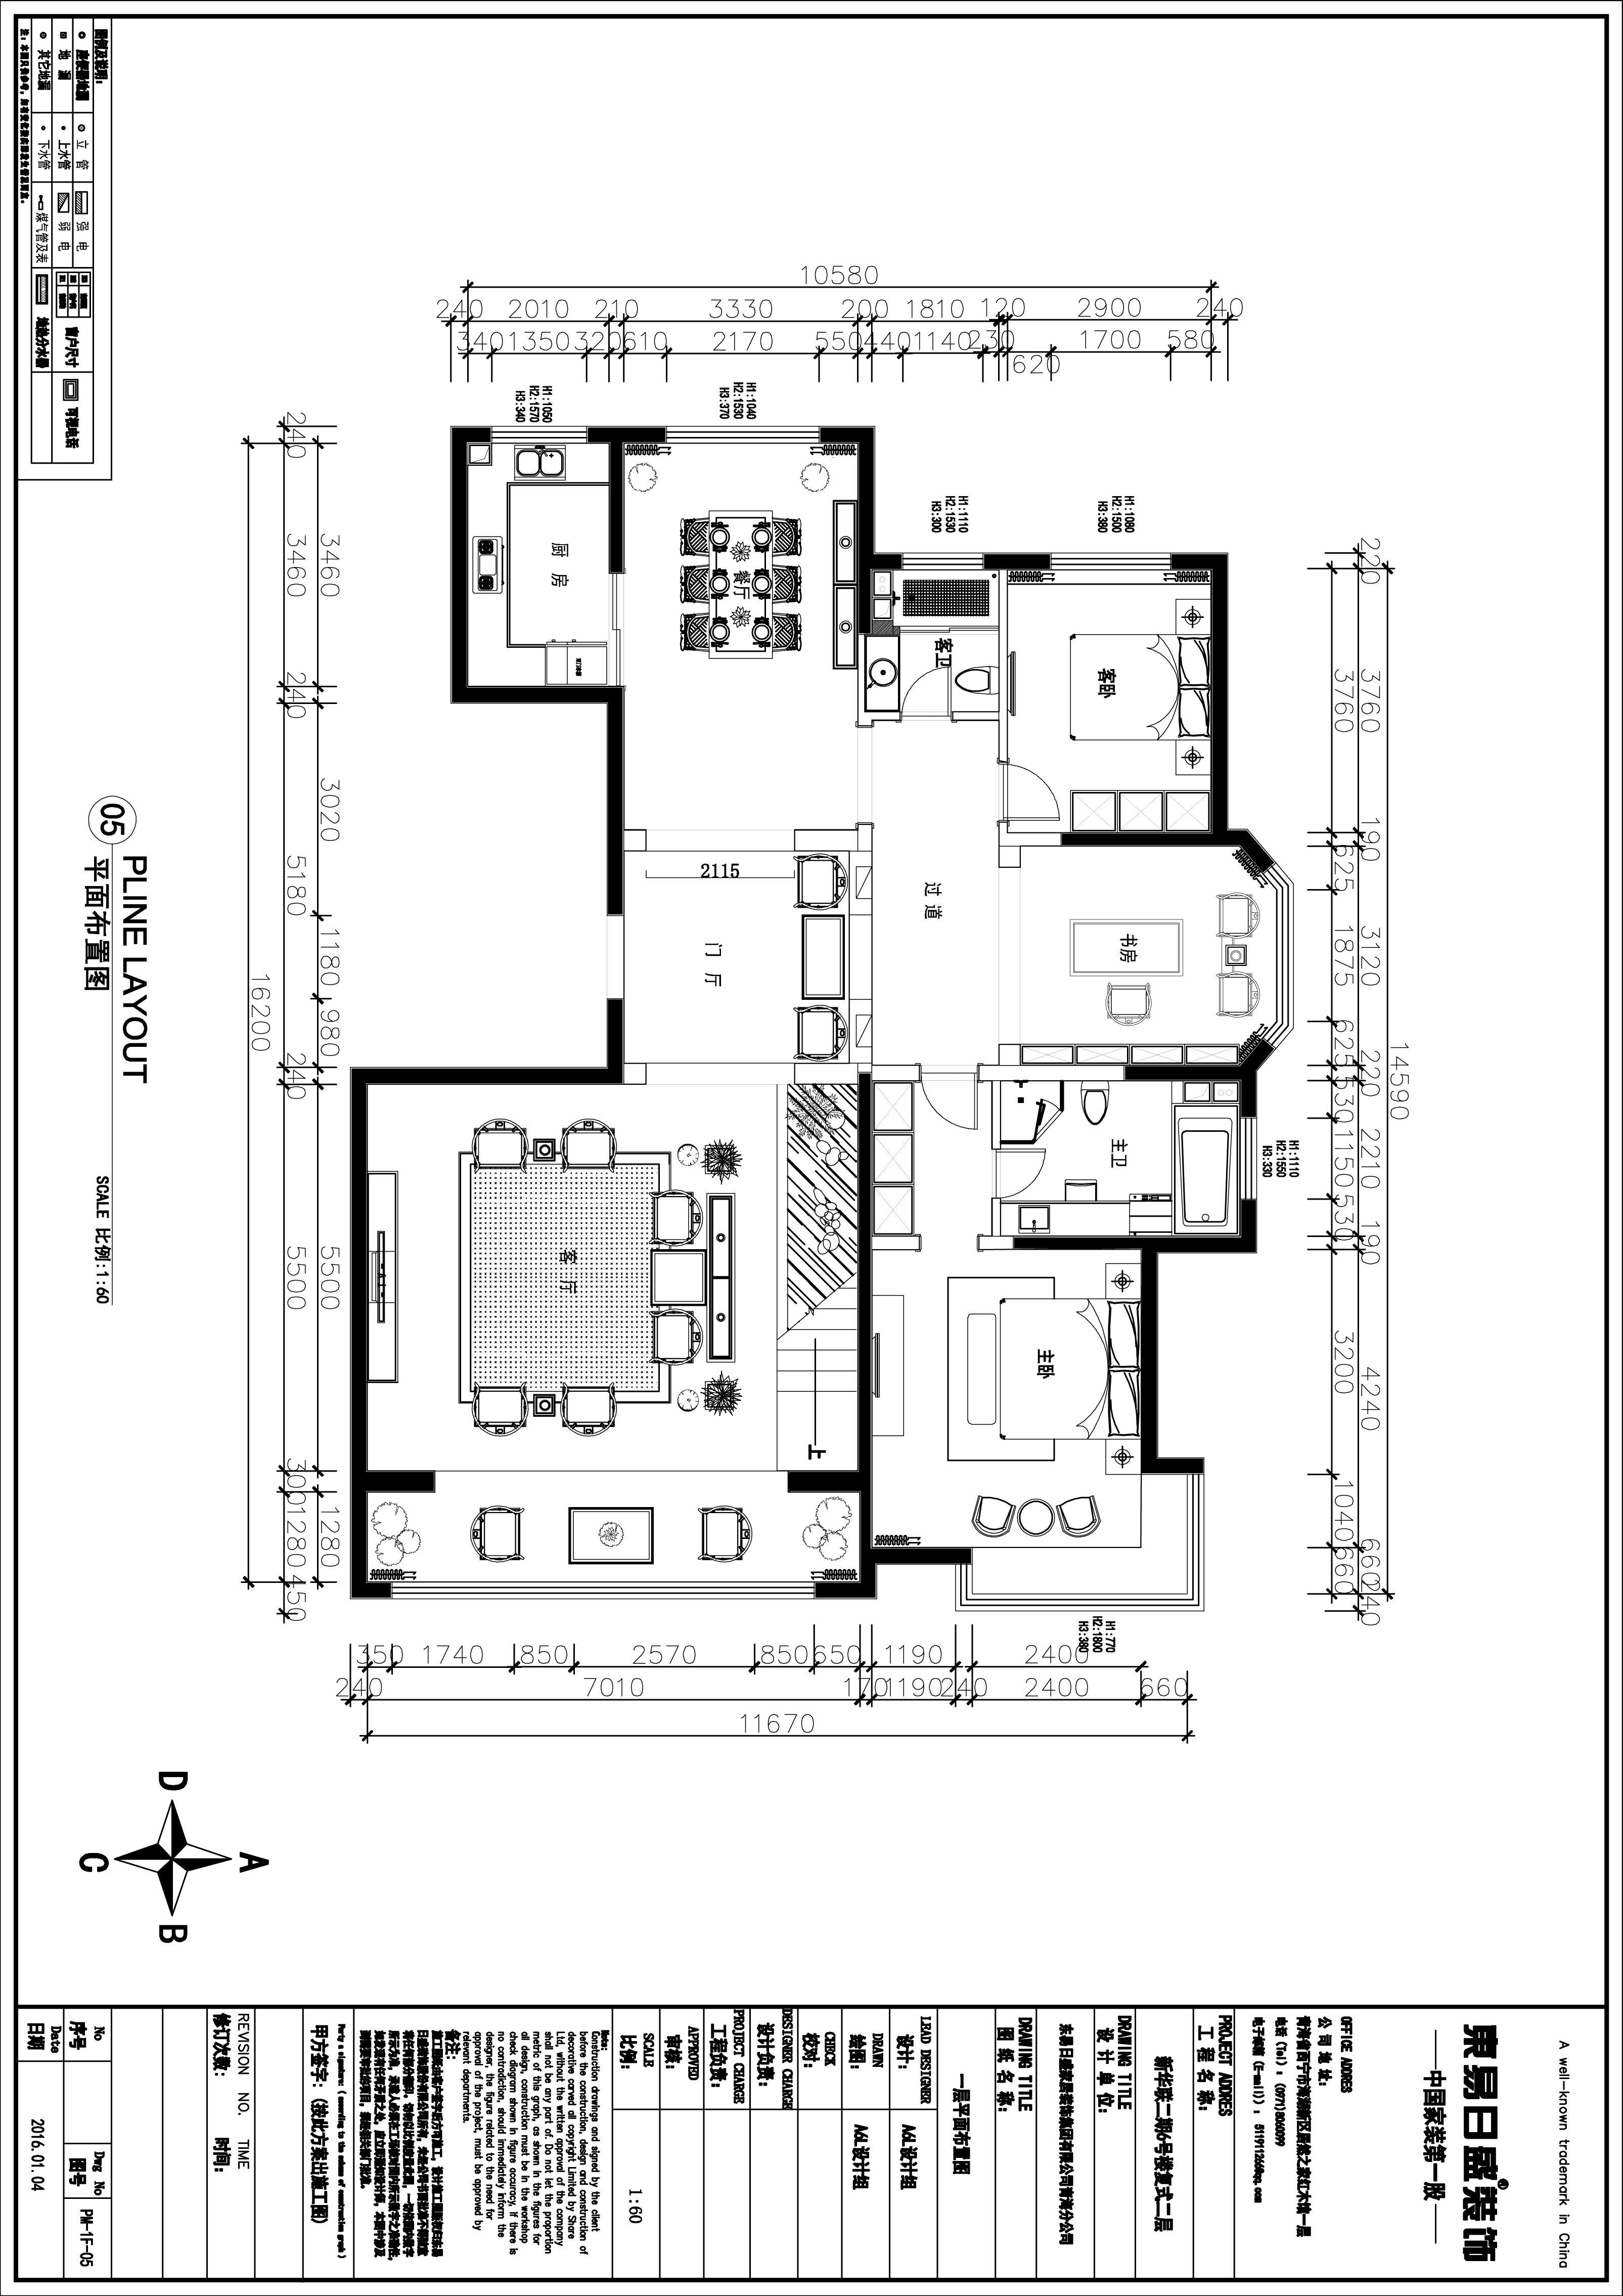 新华联-320平米-中式风格装修案例效果图装修设计理念